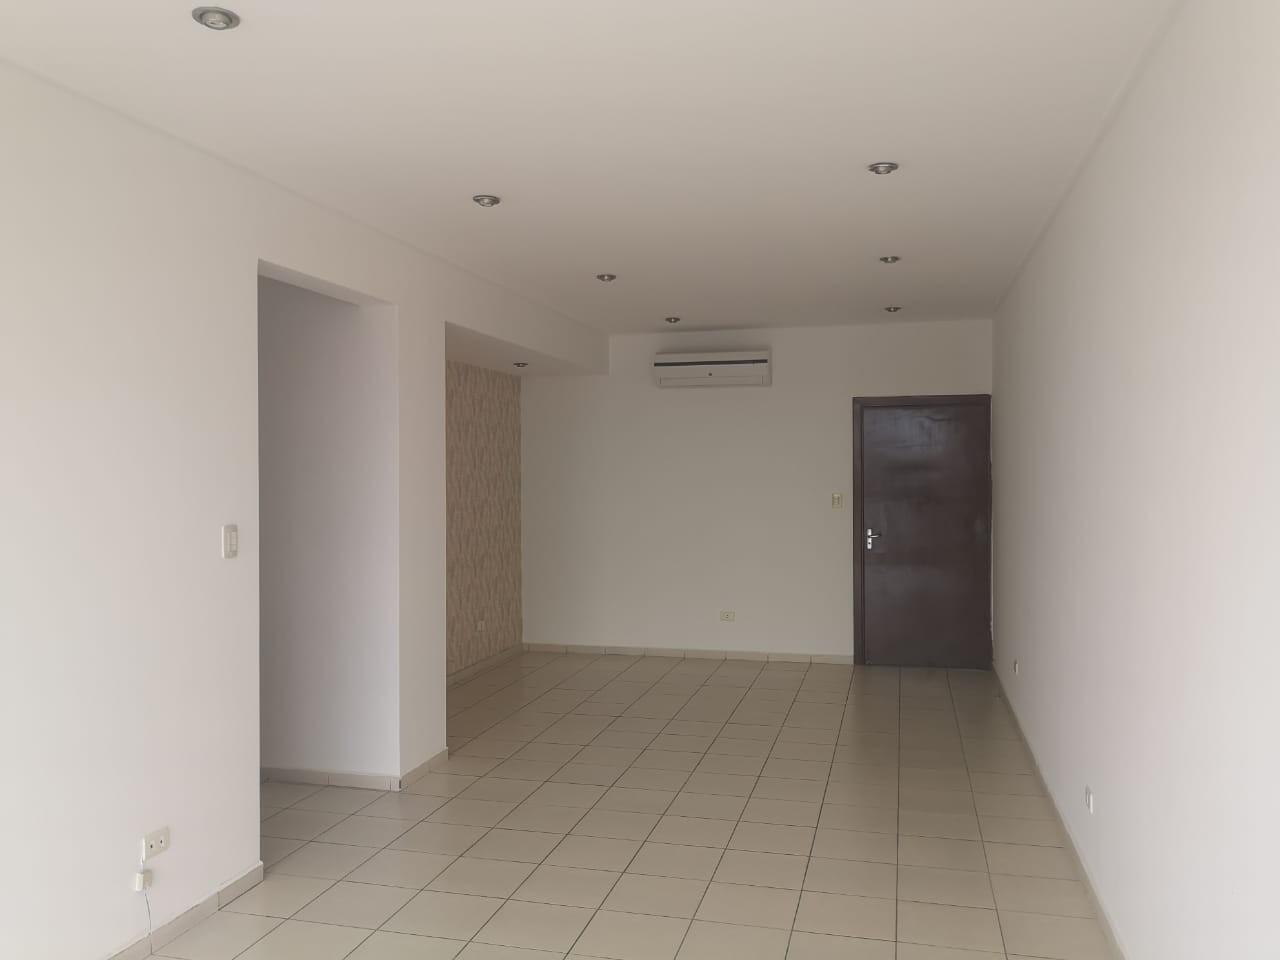 Departamento en Venta PLAN 12 DE HAMACAS, CONDOMINIO SAN GABRIEL Foto 2